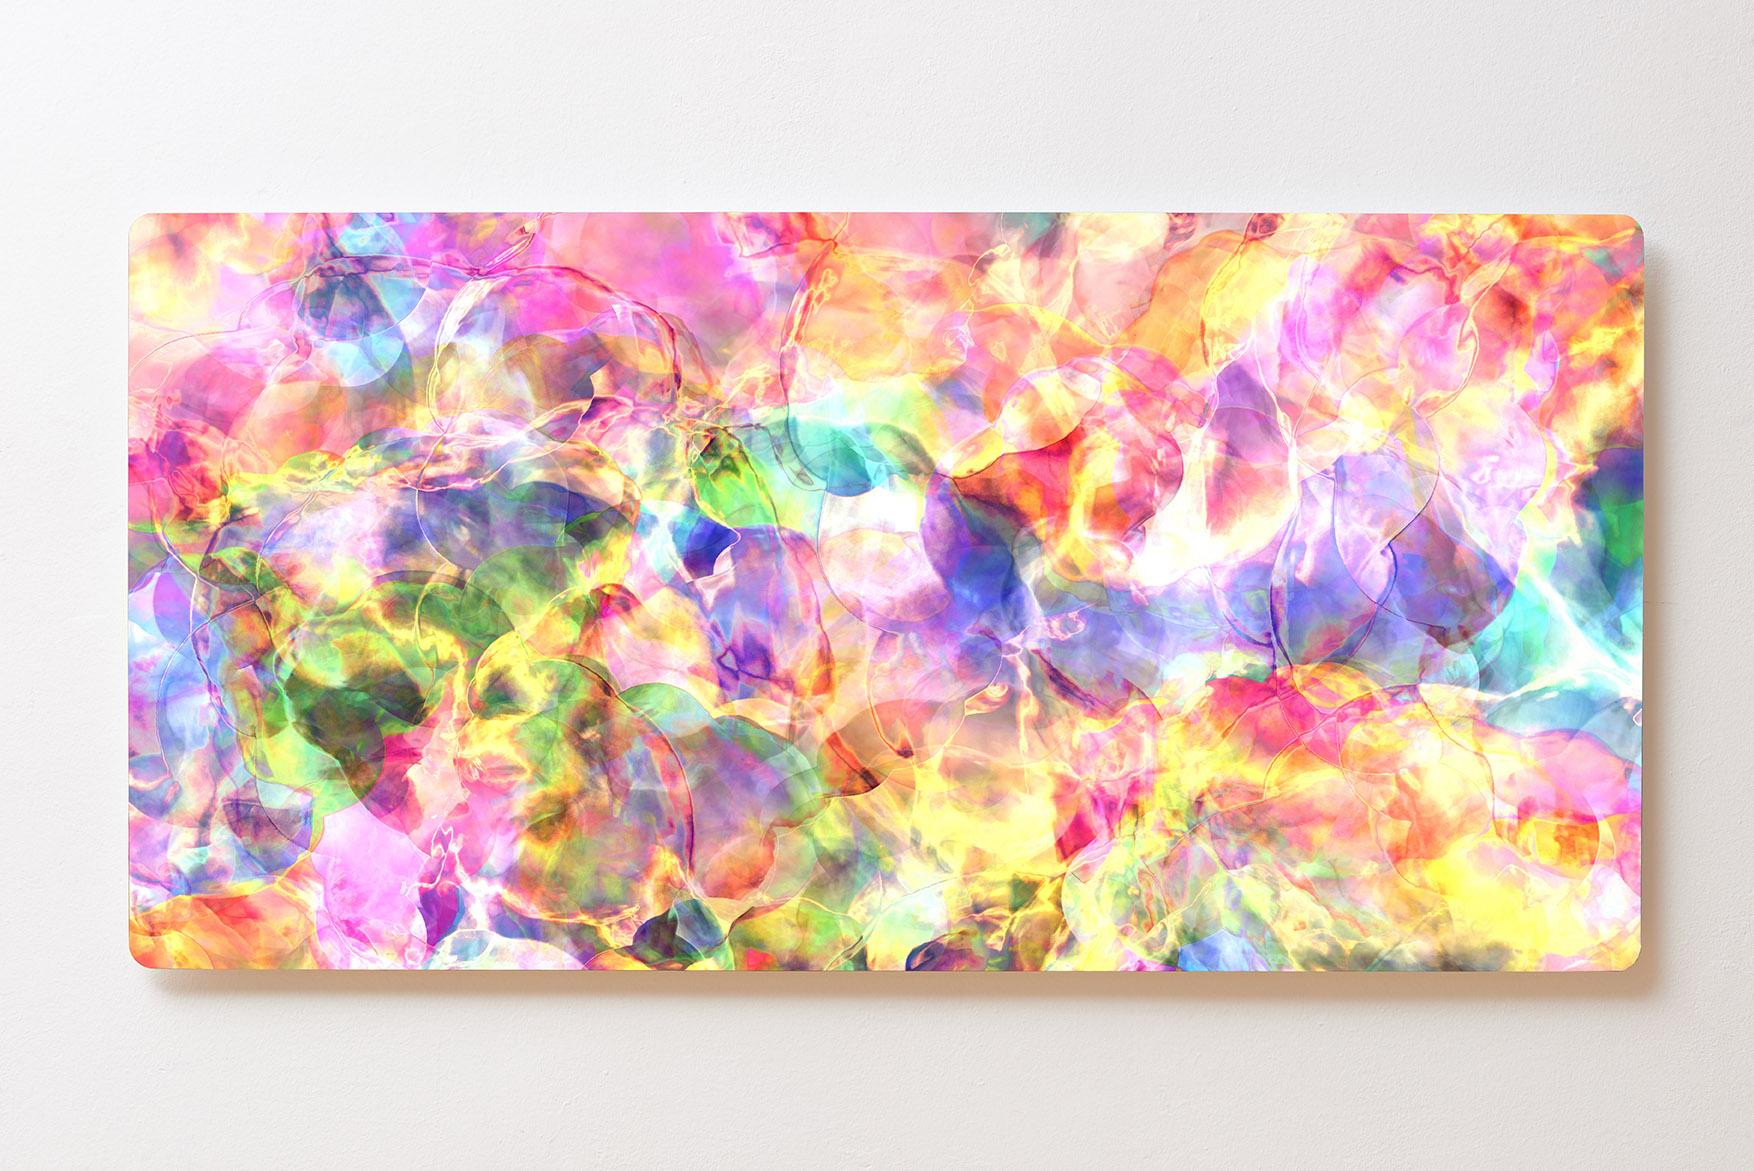 Magnettafel BACKLIGHT 120x60cm Motiv-Wandbild M133 Abstrakt Kunst